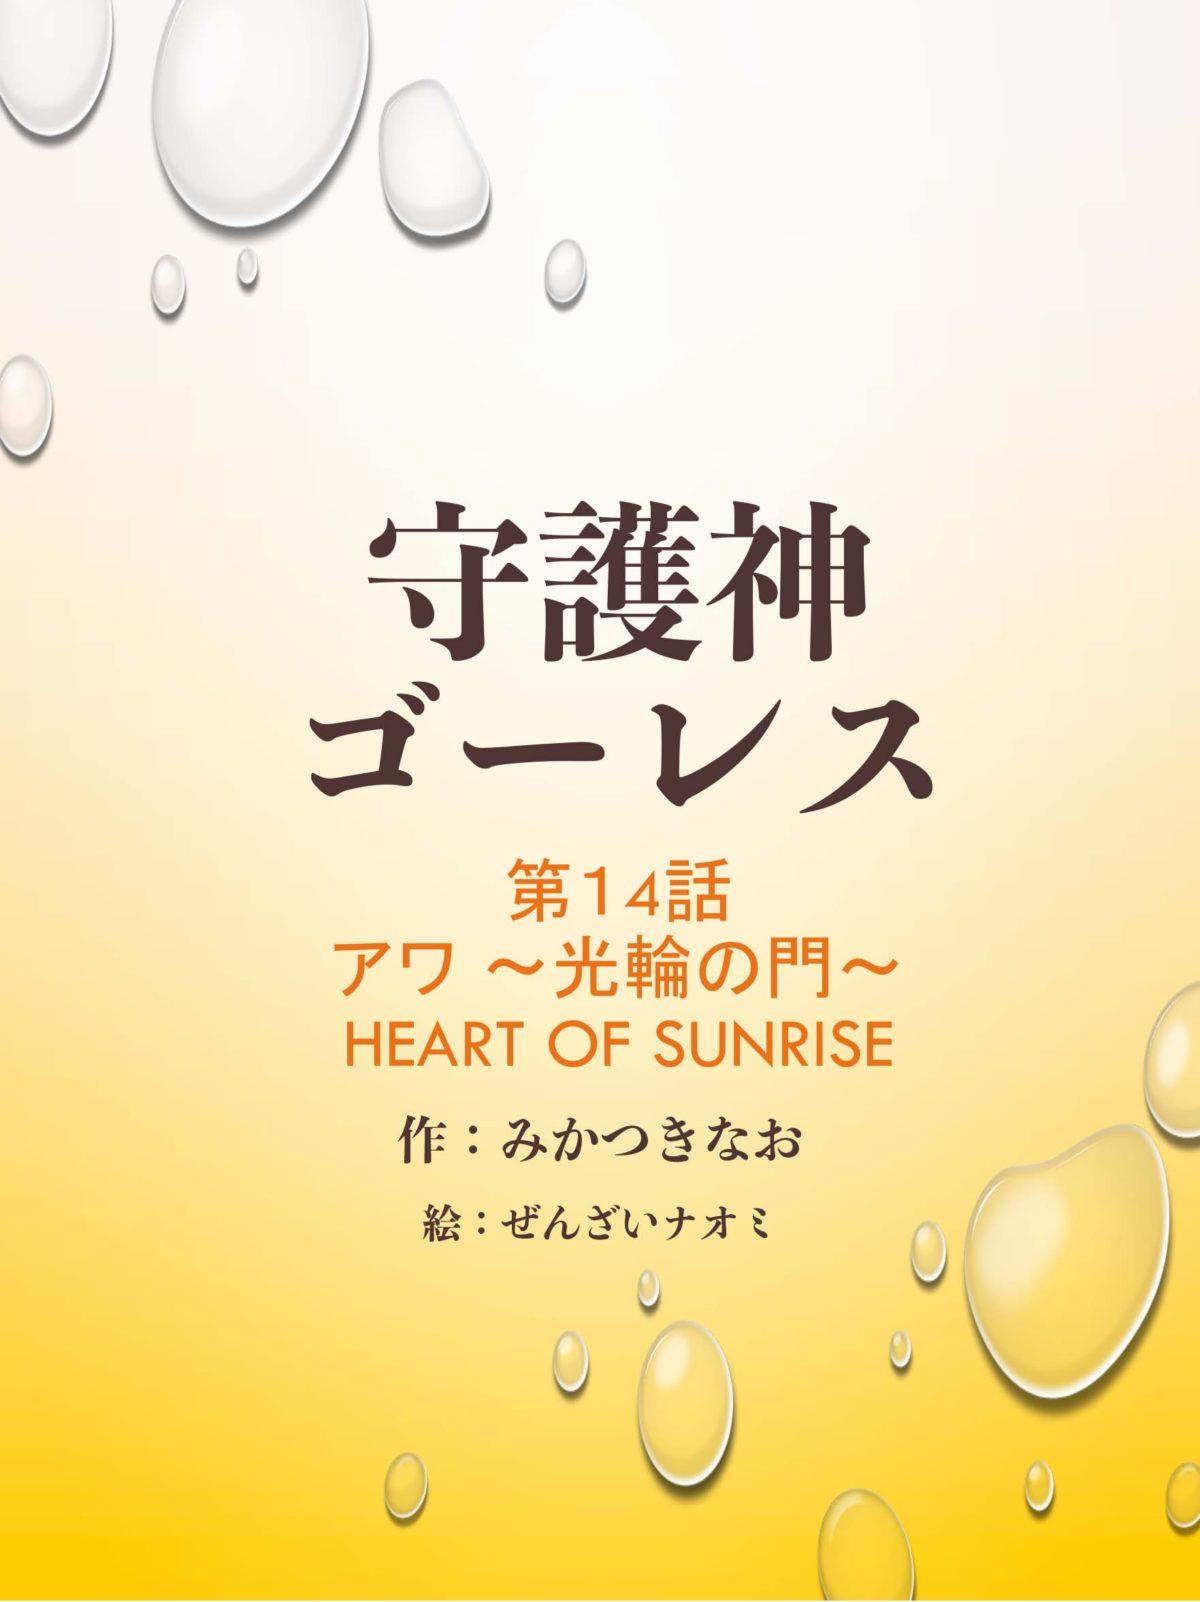 守護神ゴーレス第14話  アワ 〜光輪の門〜    Heart of sunrise